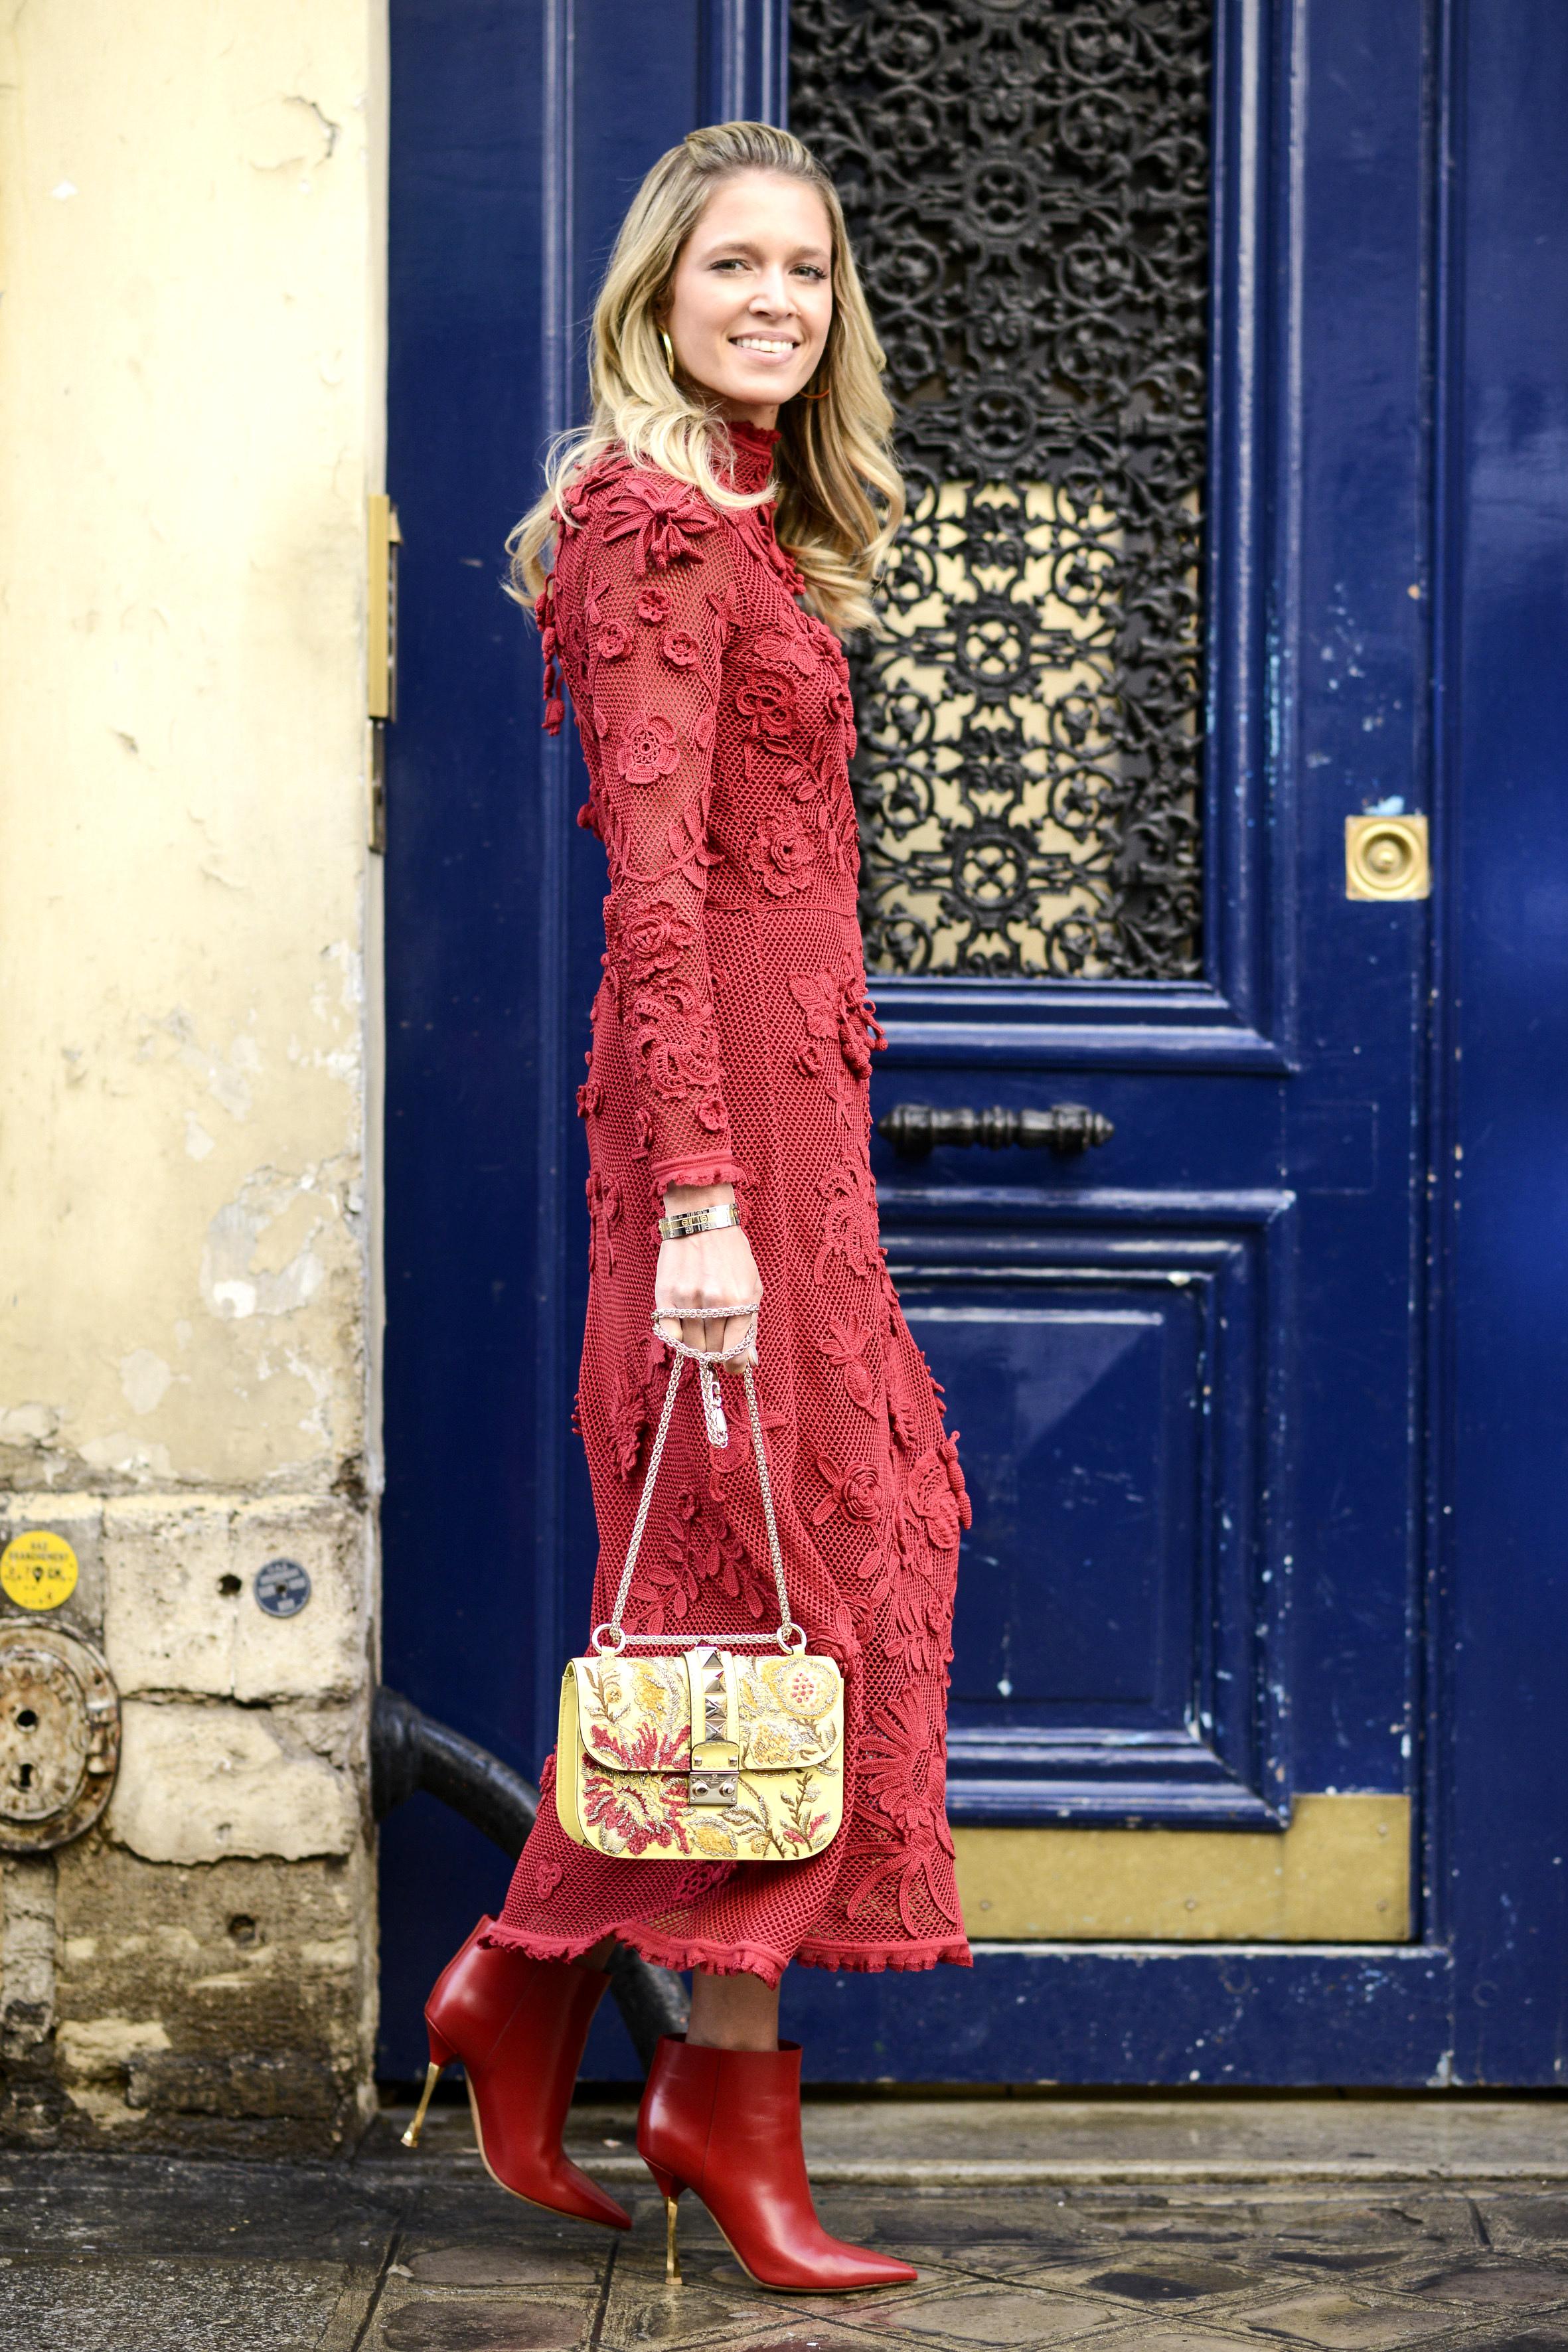 Paris Fashion Week: Eine Frau peppt ihr monochromes Kleid mit einer auffälligen Handtasche von Valentino auf (ddp images)